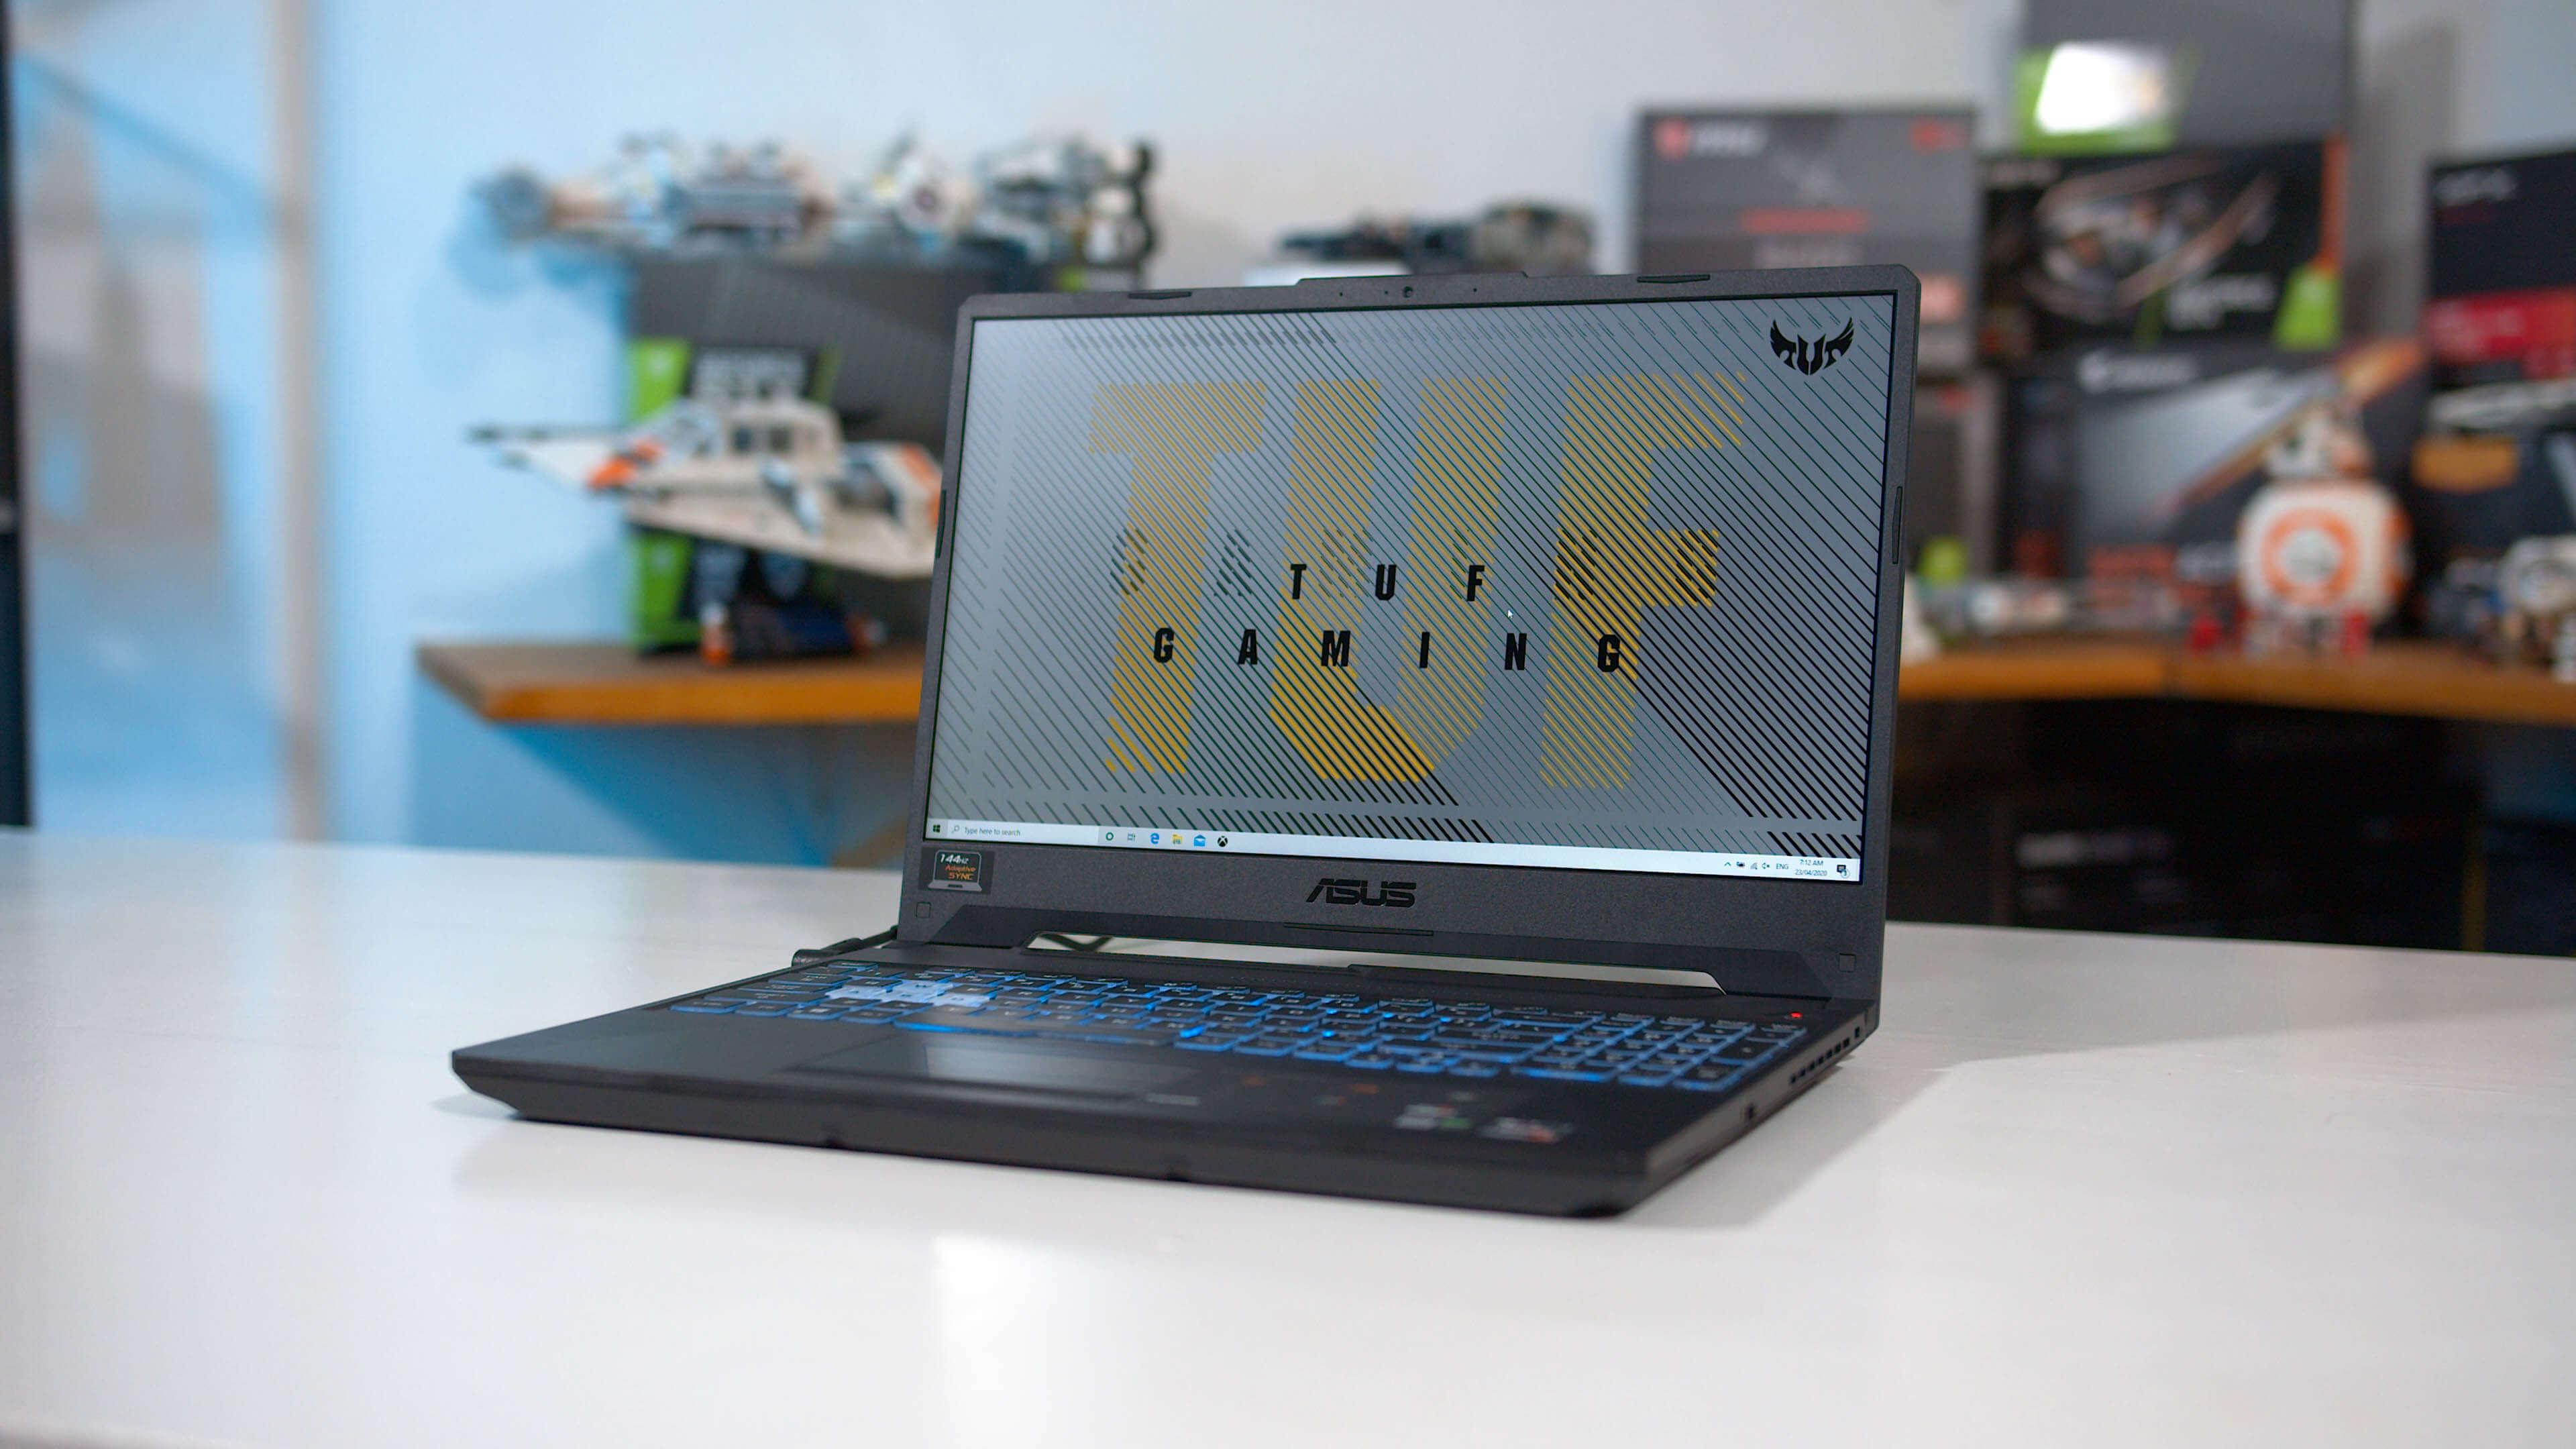 AMD Ryzen 7 4800H Review Photo Gallery - TechSpot